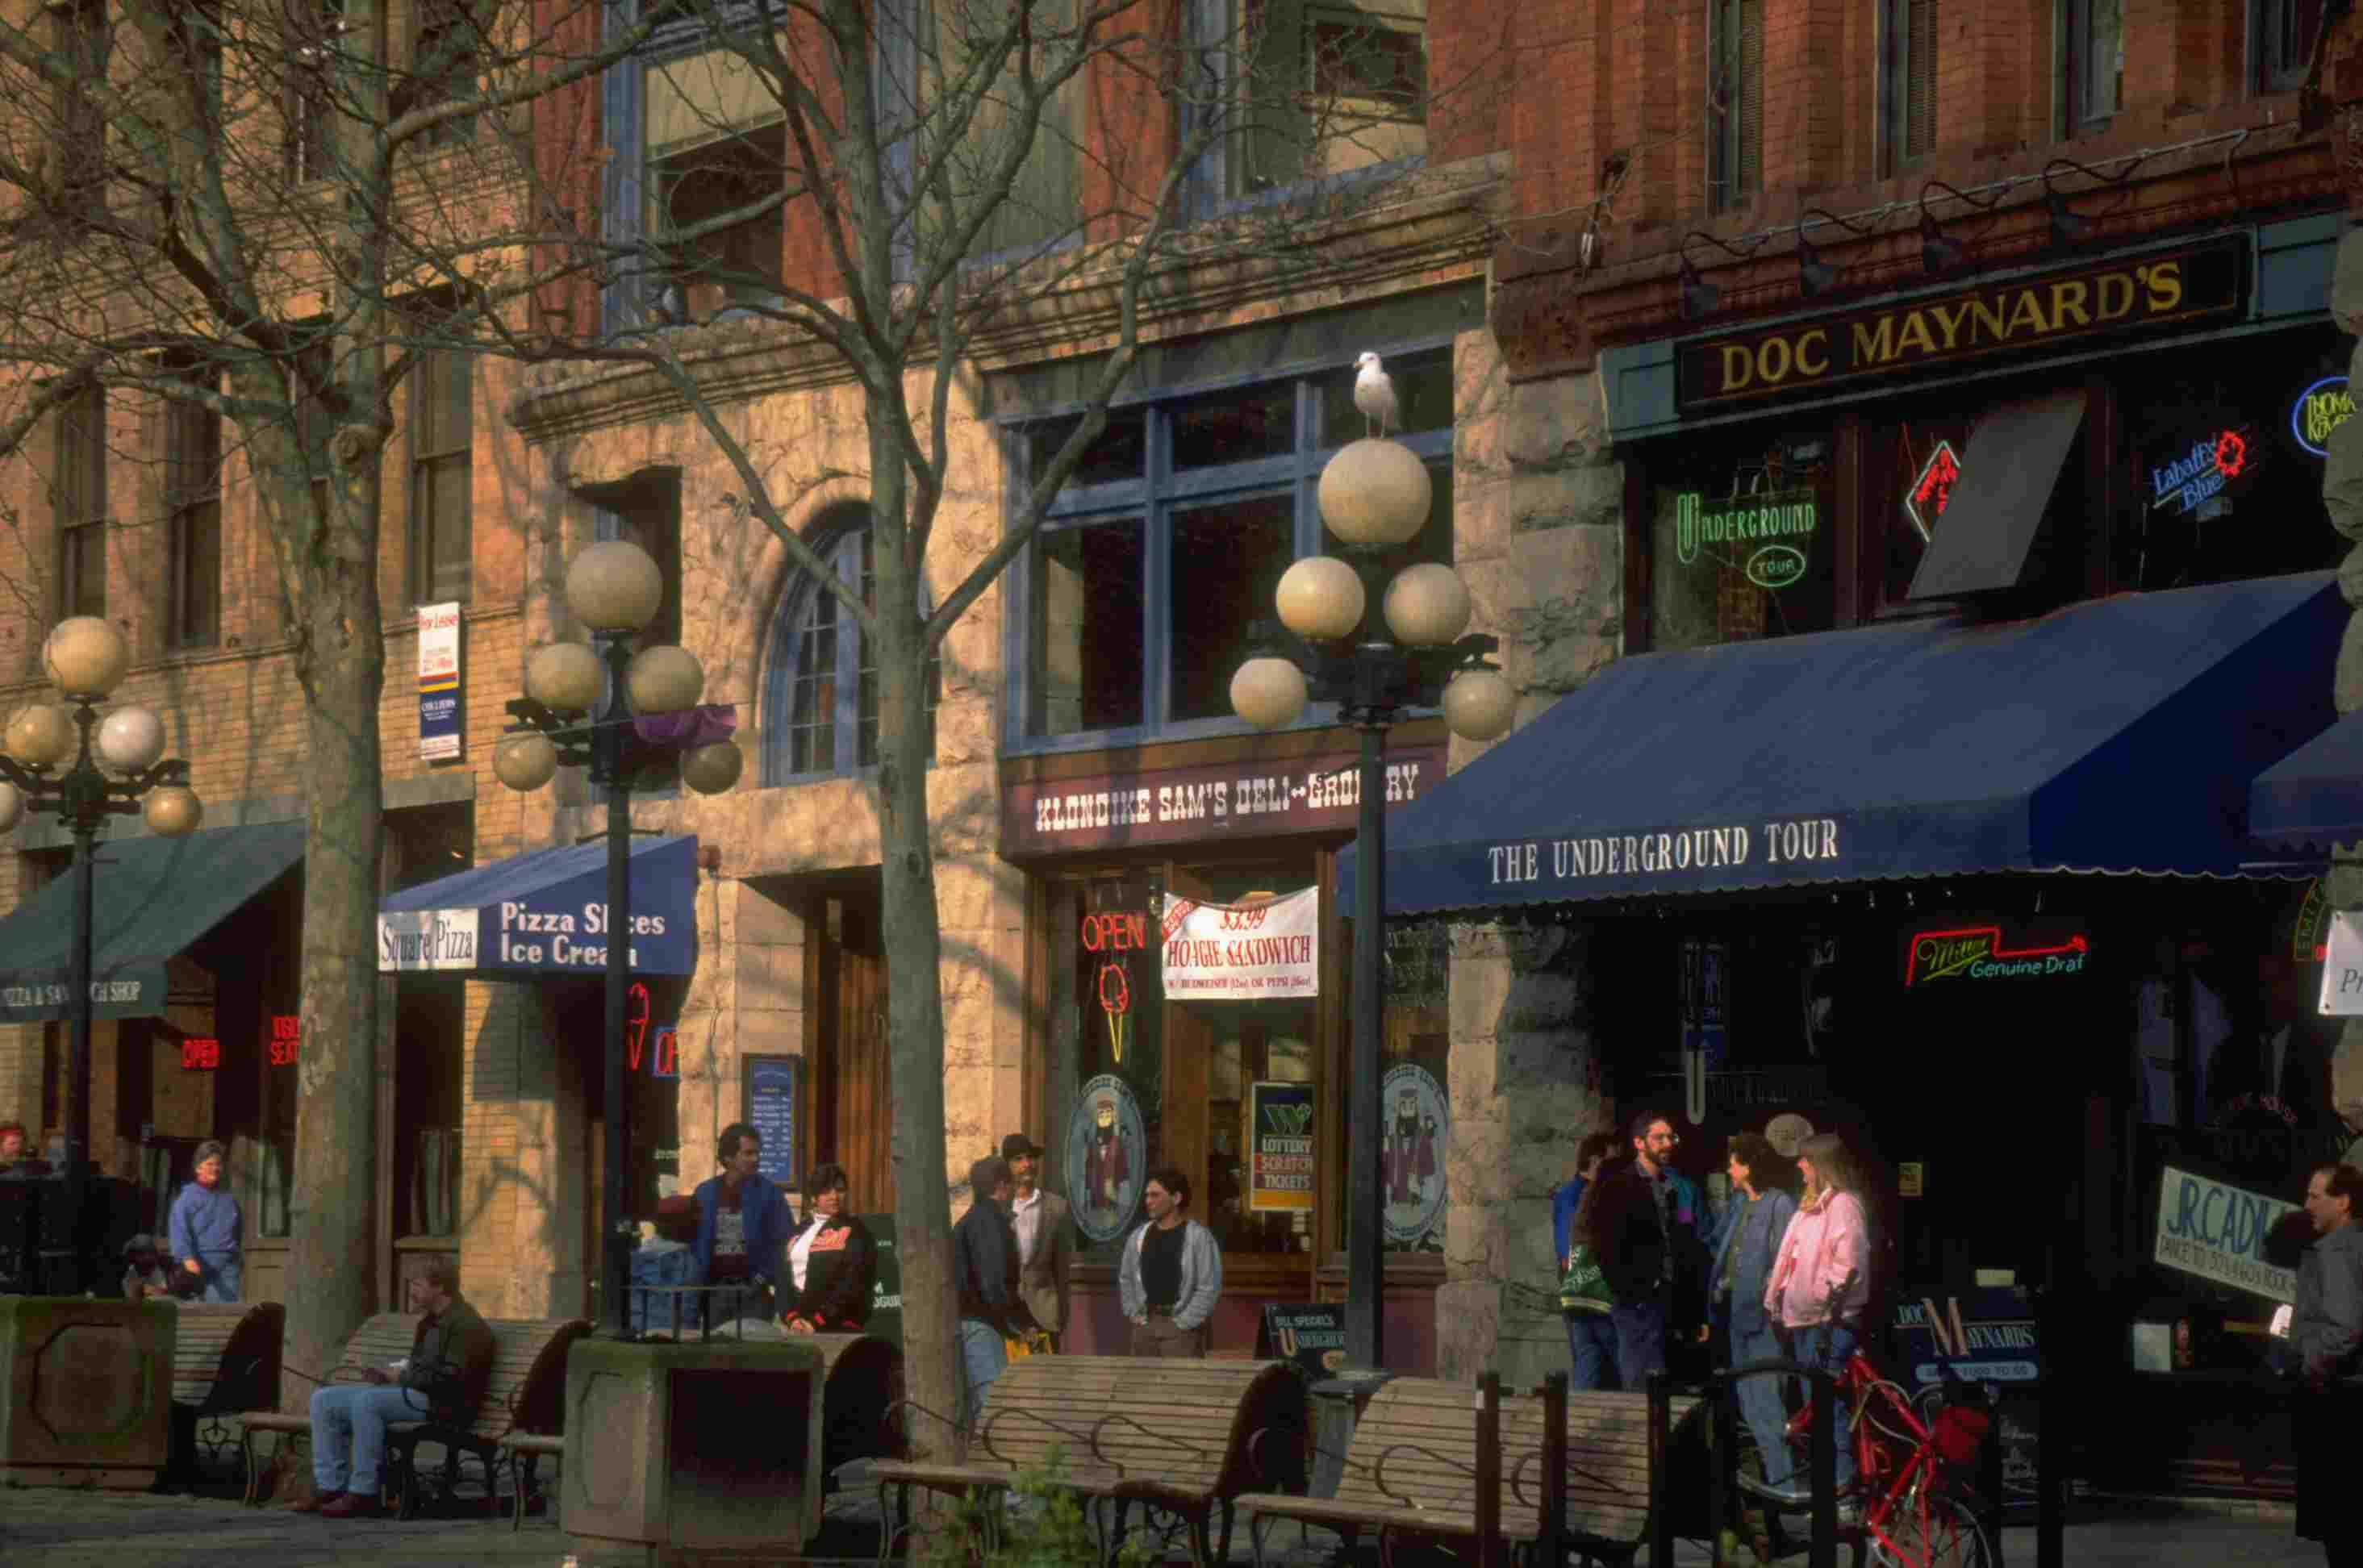 devantures de magasins de briques dans une rue bordée d'arbres urbains